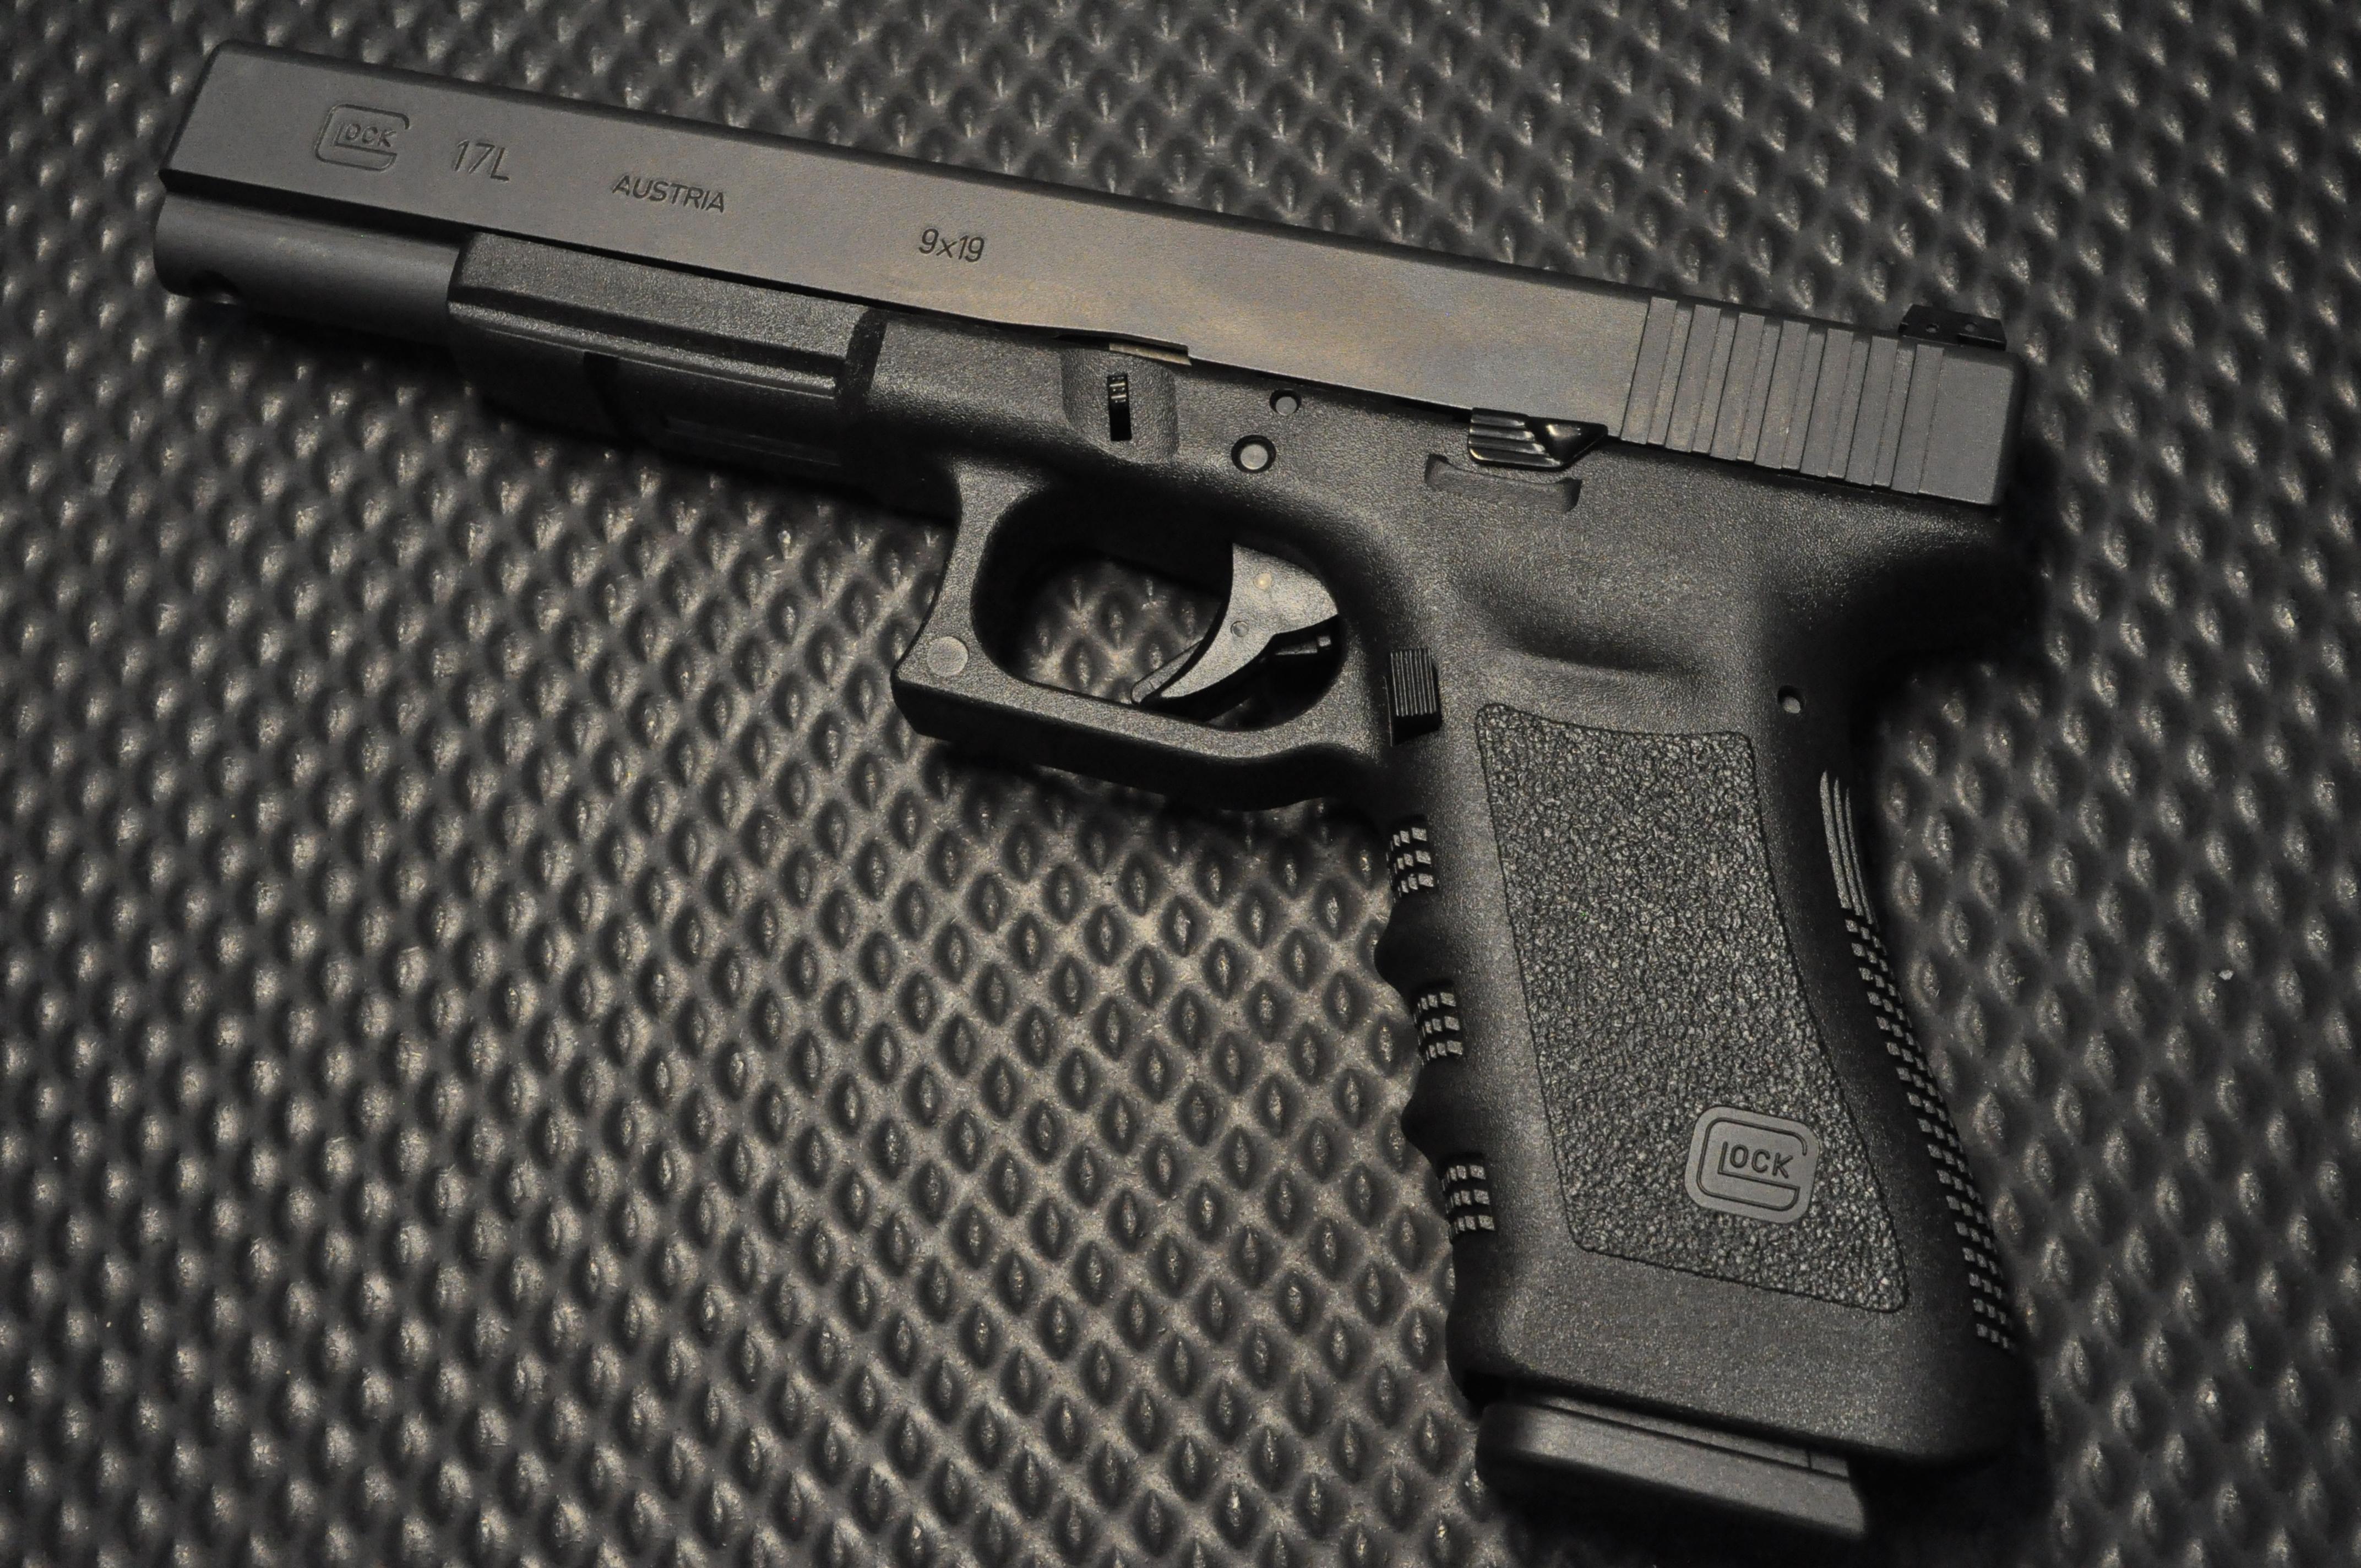 Glock 17l gen 4